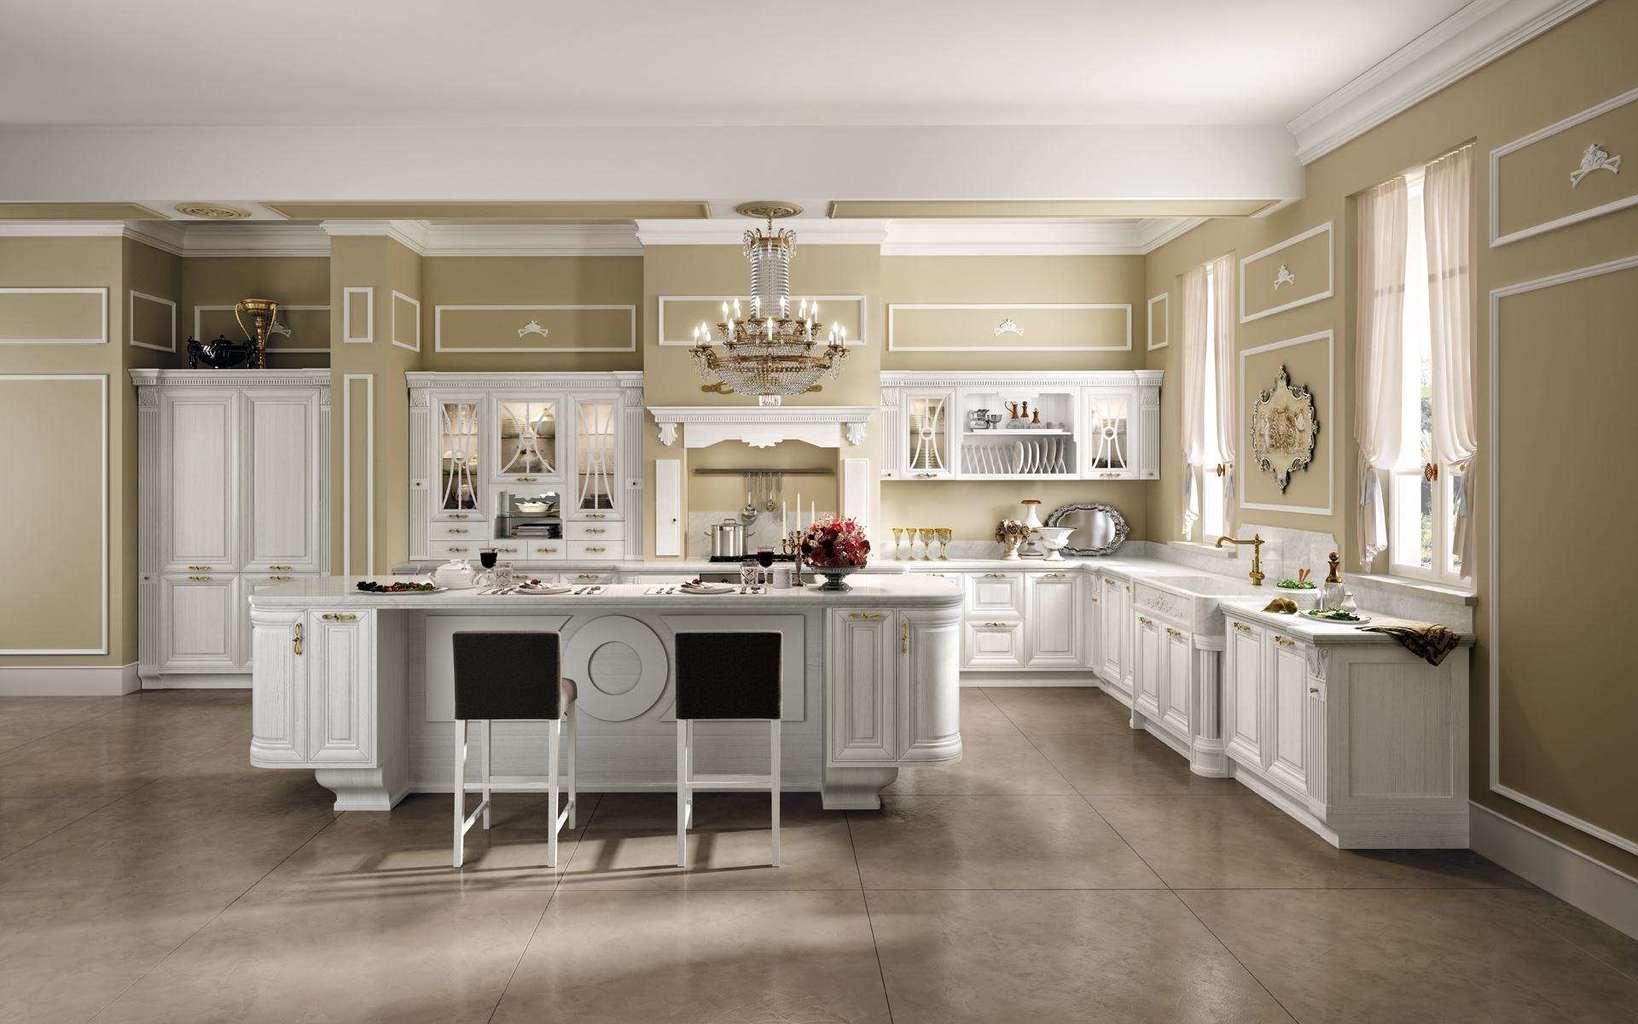 Arredamento stile classico questioni di arredamento for Arredamento stile classico